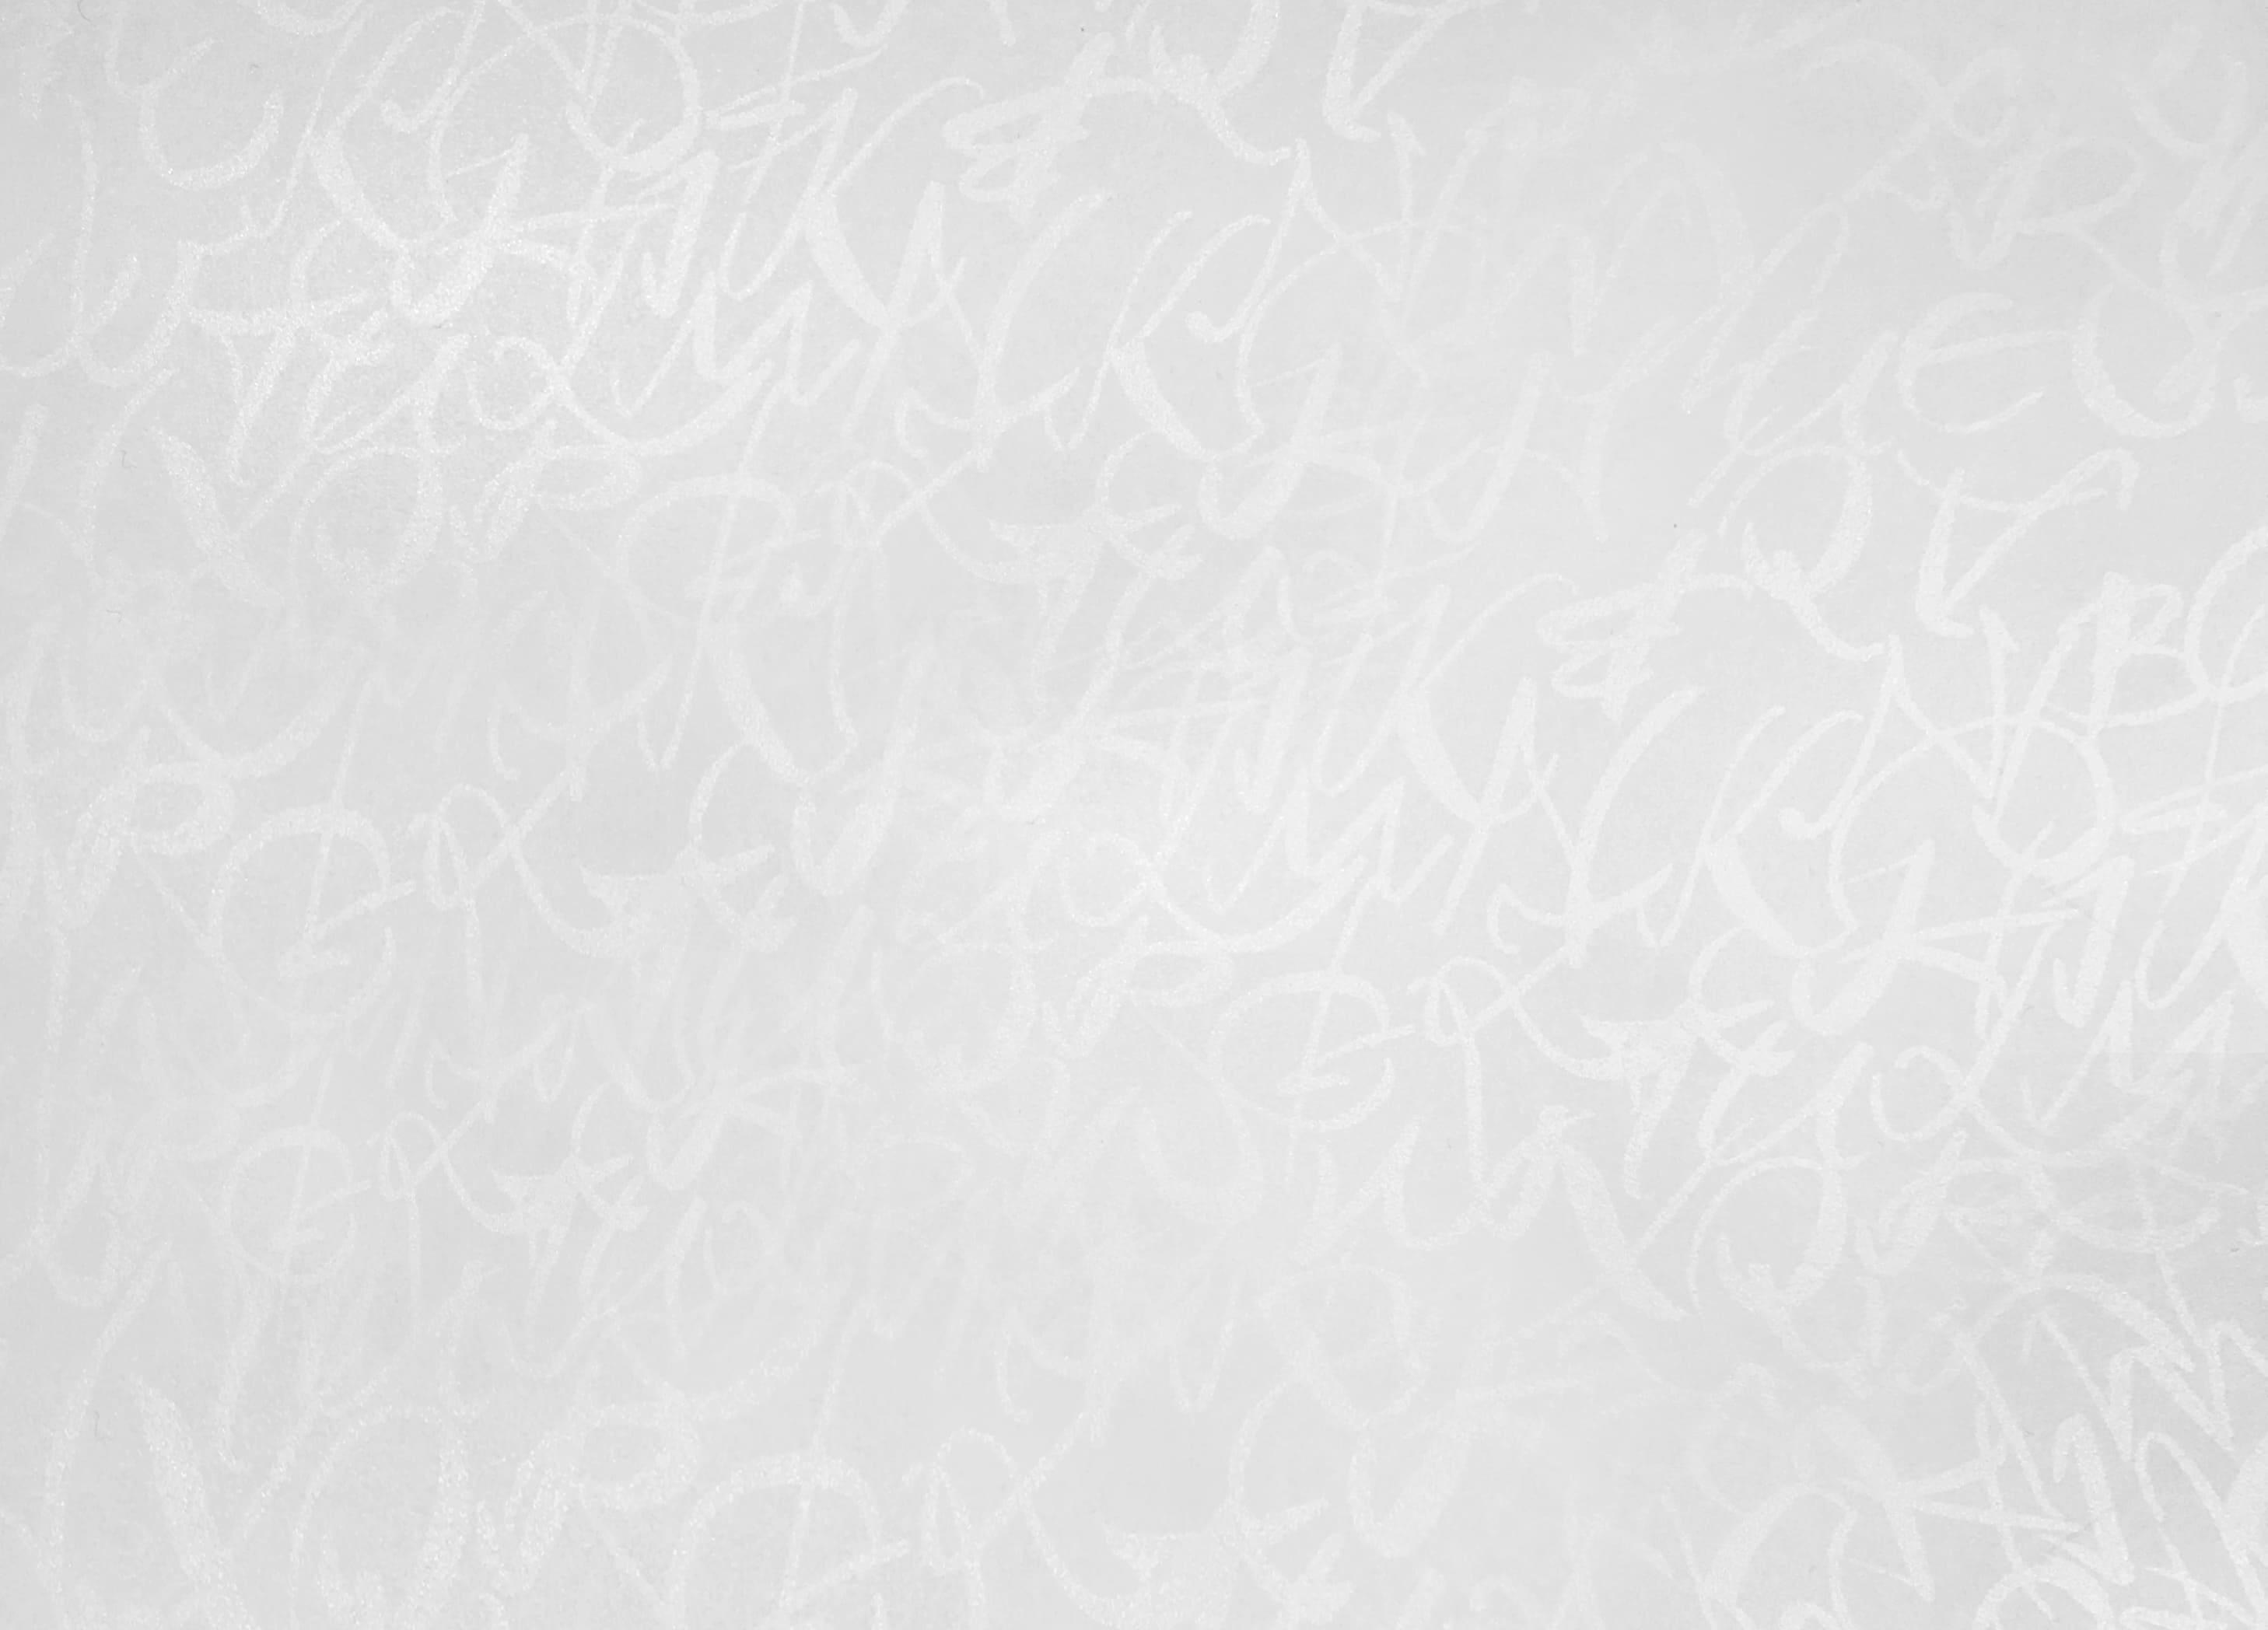 Мебельный щит № 801 Латиница белая 6 мм